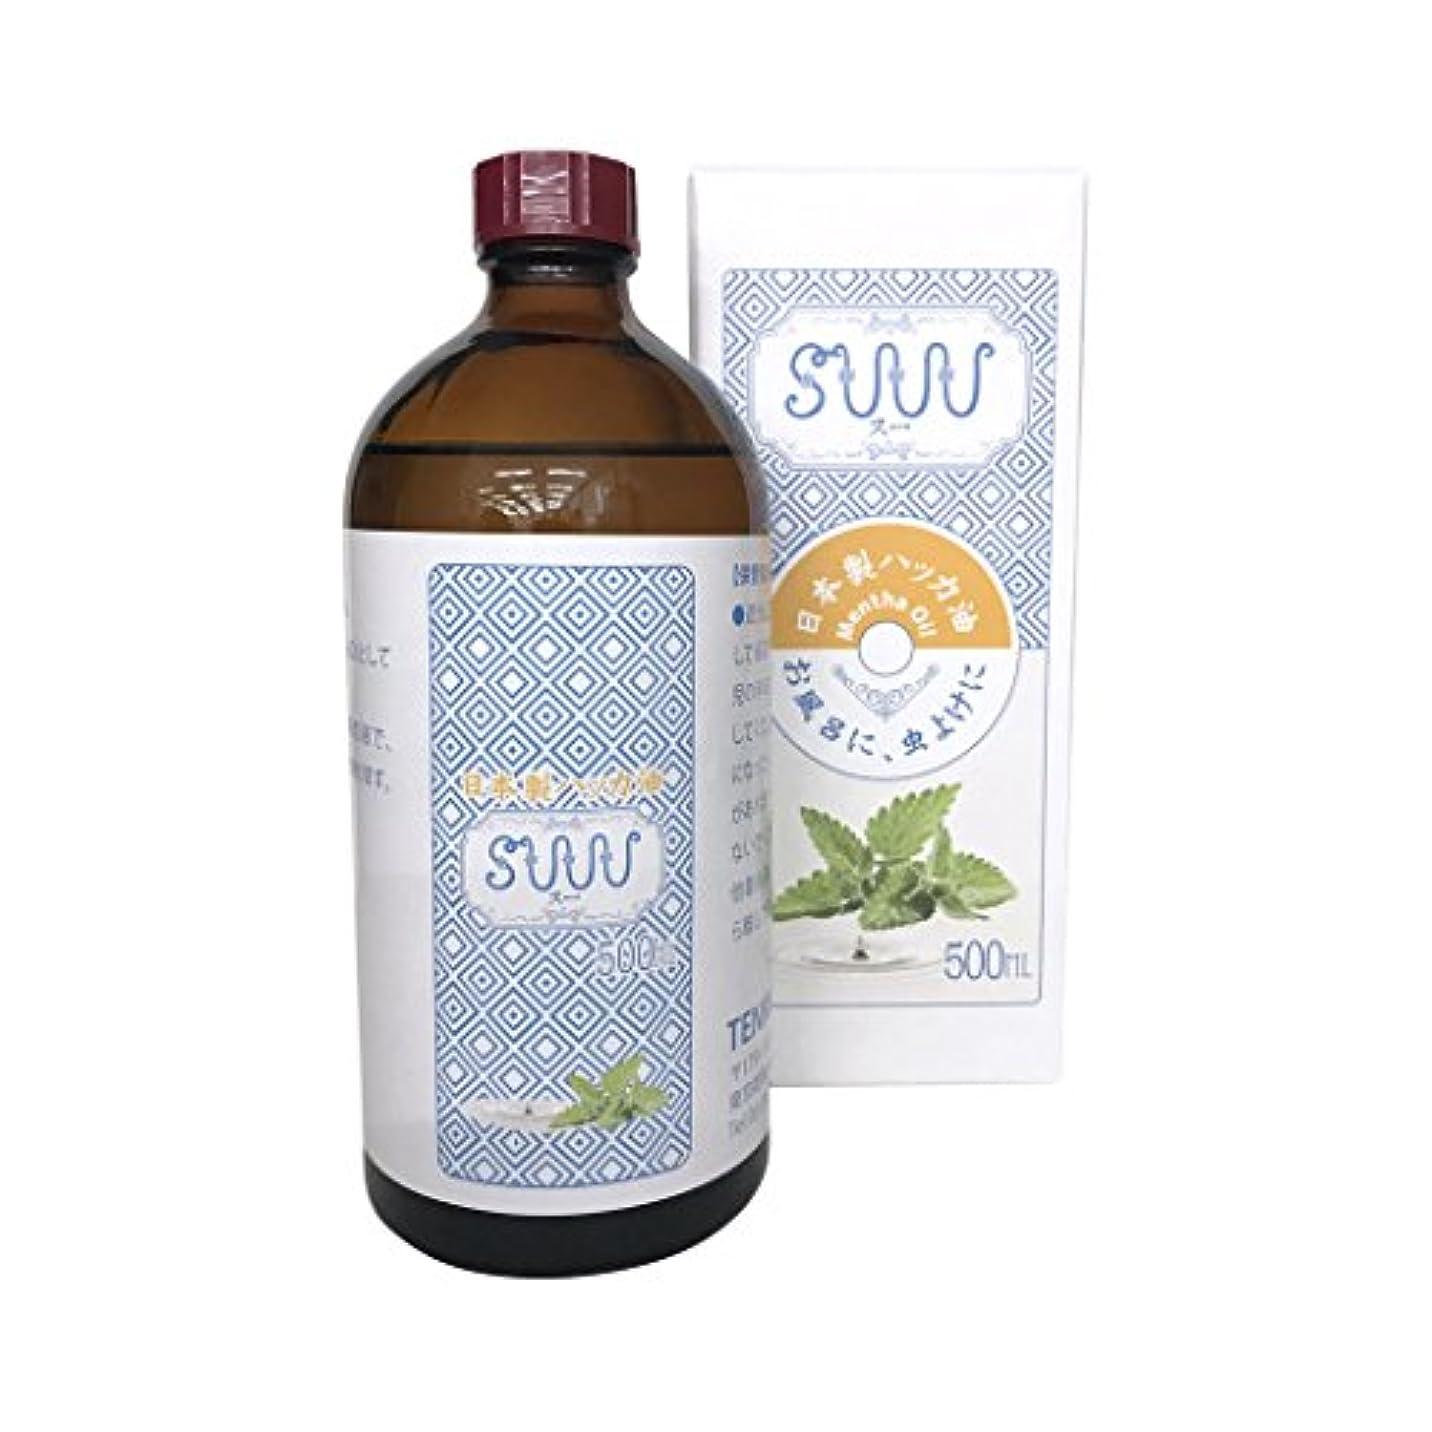 【日本製】 ハッカ油 500ml (ハッカ油のSUUU)